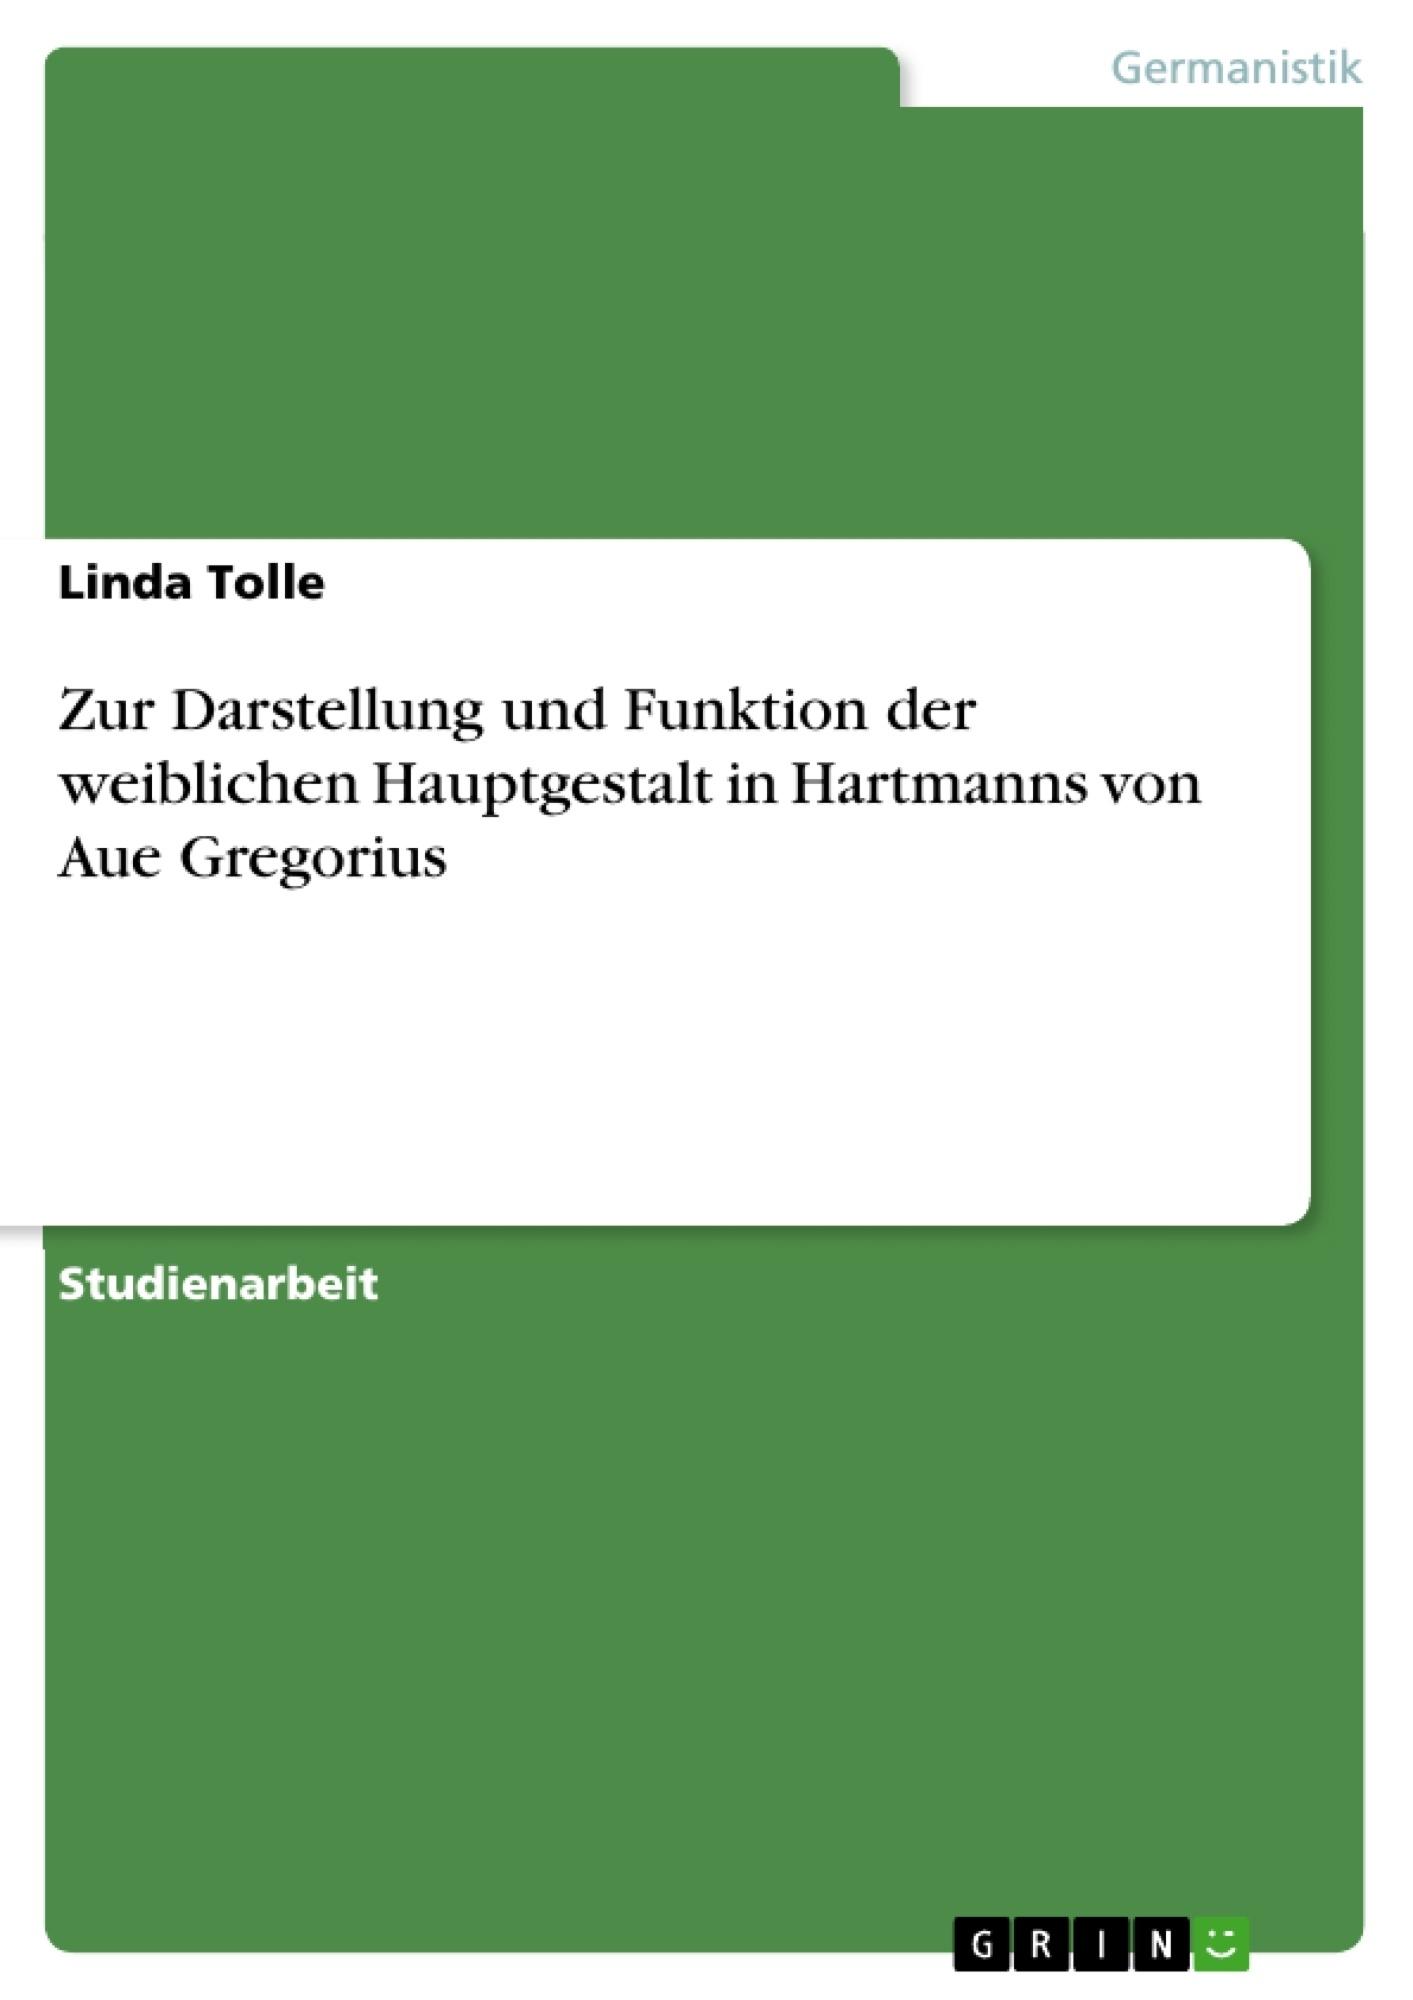 Titel: Zur Darstellung und Funktion der weiblichen Hauptgestalt in Hartmanns von Aue Gregorius